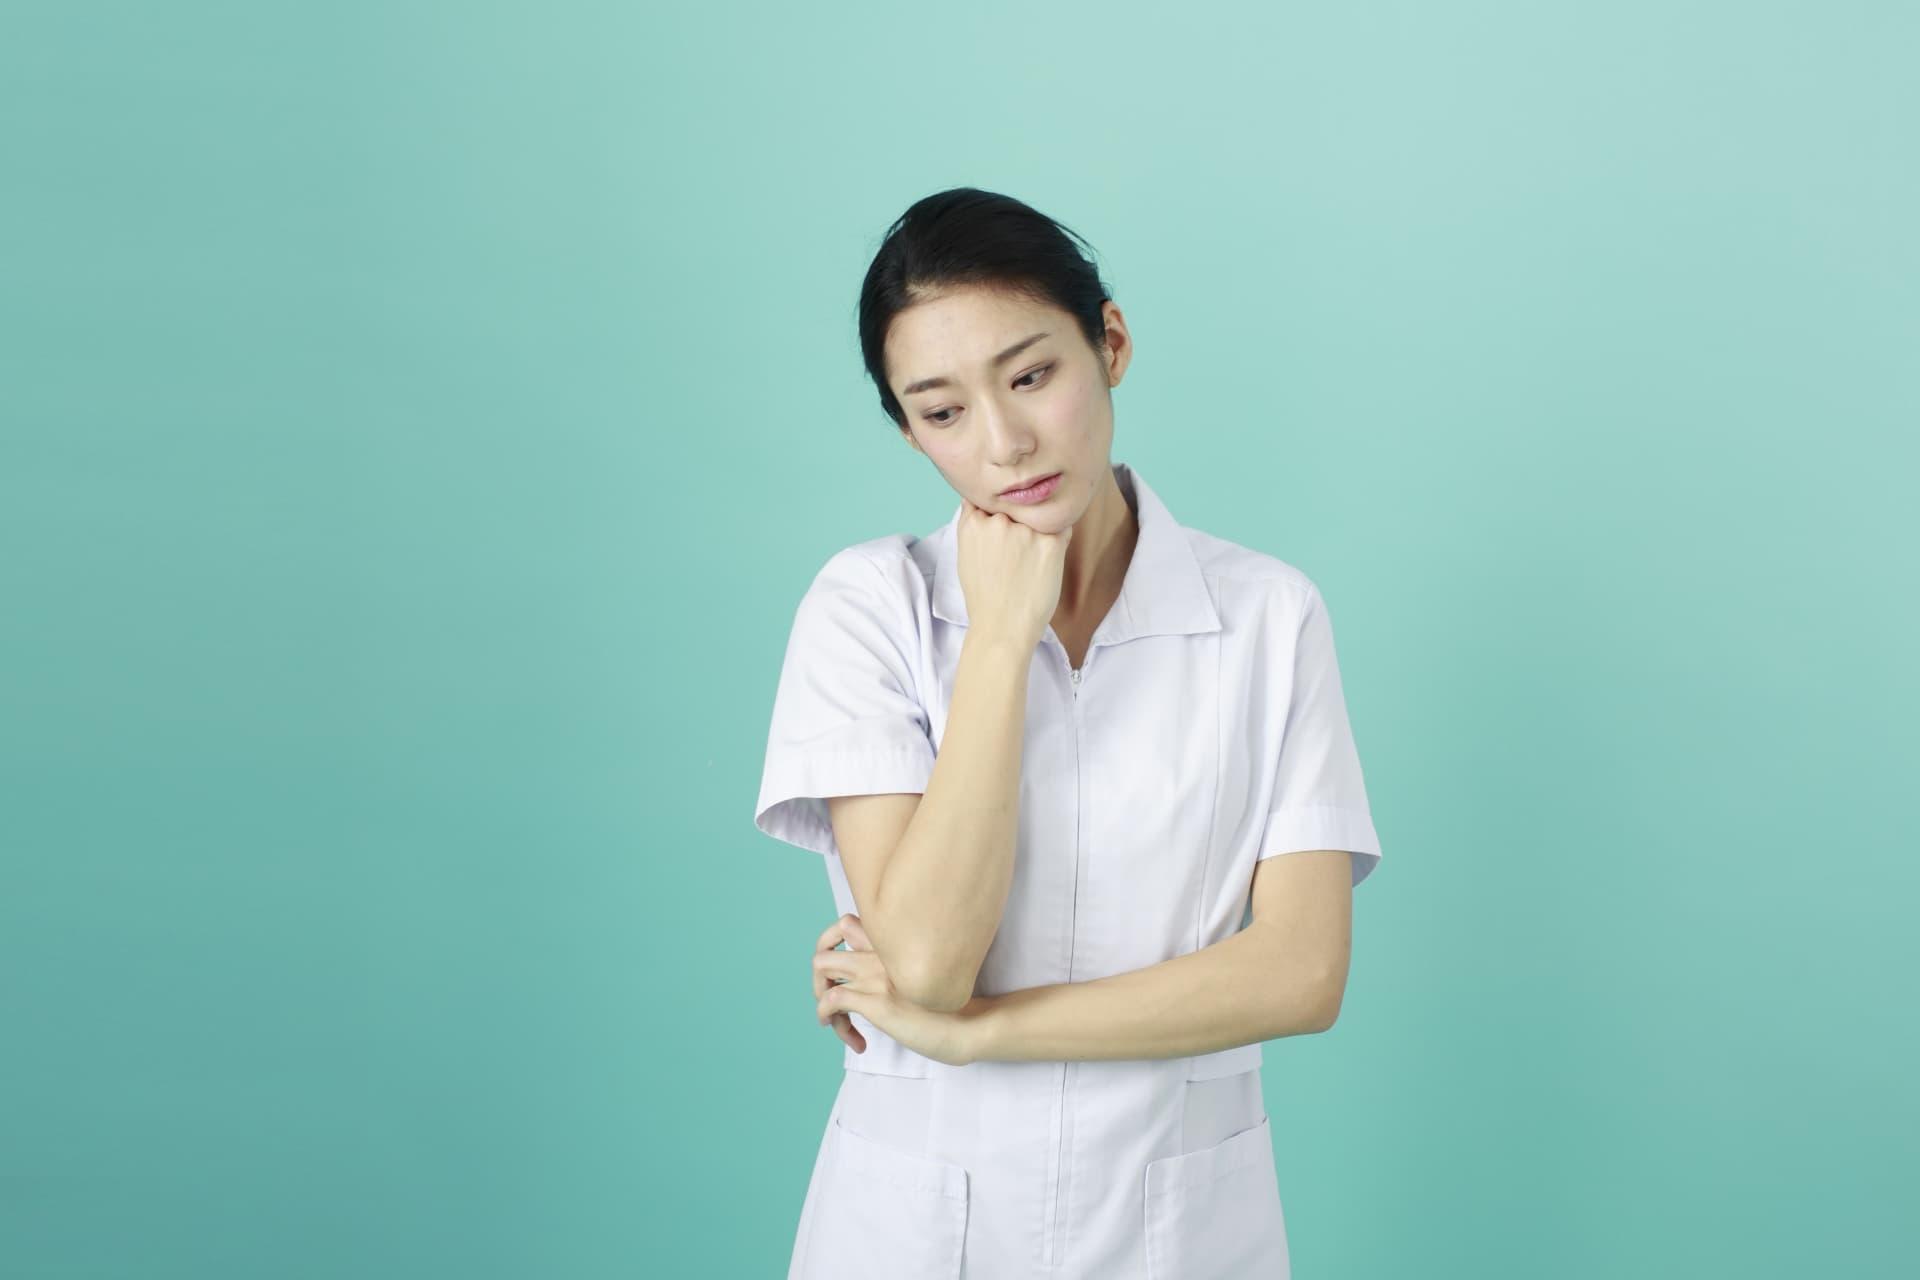 【尿ラボ】疼痛で動けない患者の尿漏れ、その予防策3つ